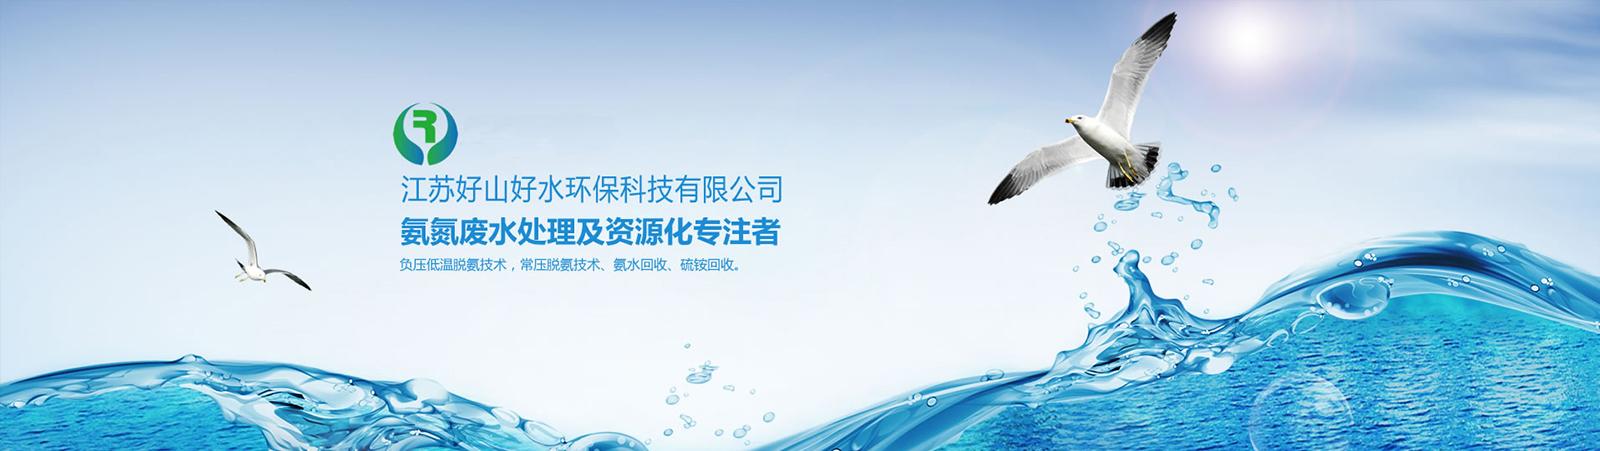 高氨氮废水处理